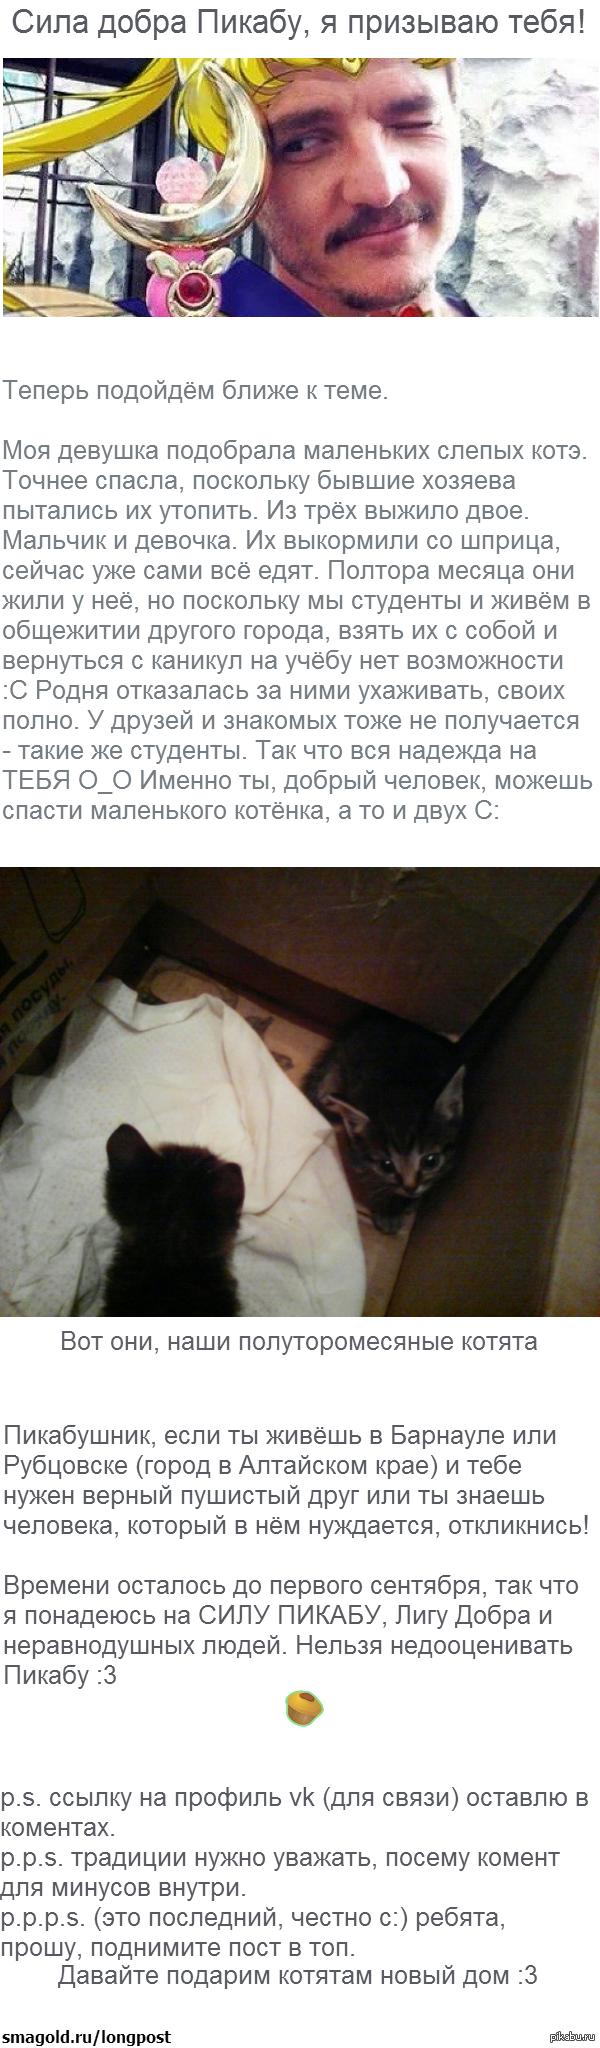 Котятки :3 Лига добра, нужна помощь >.<